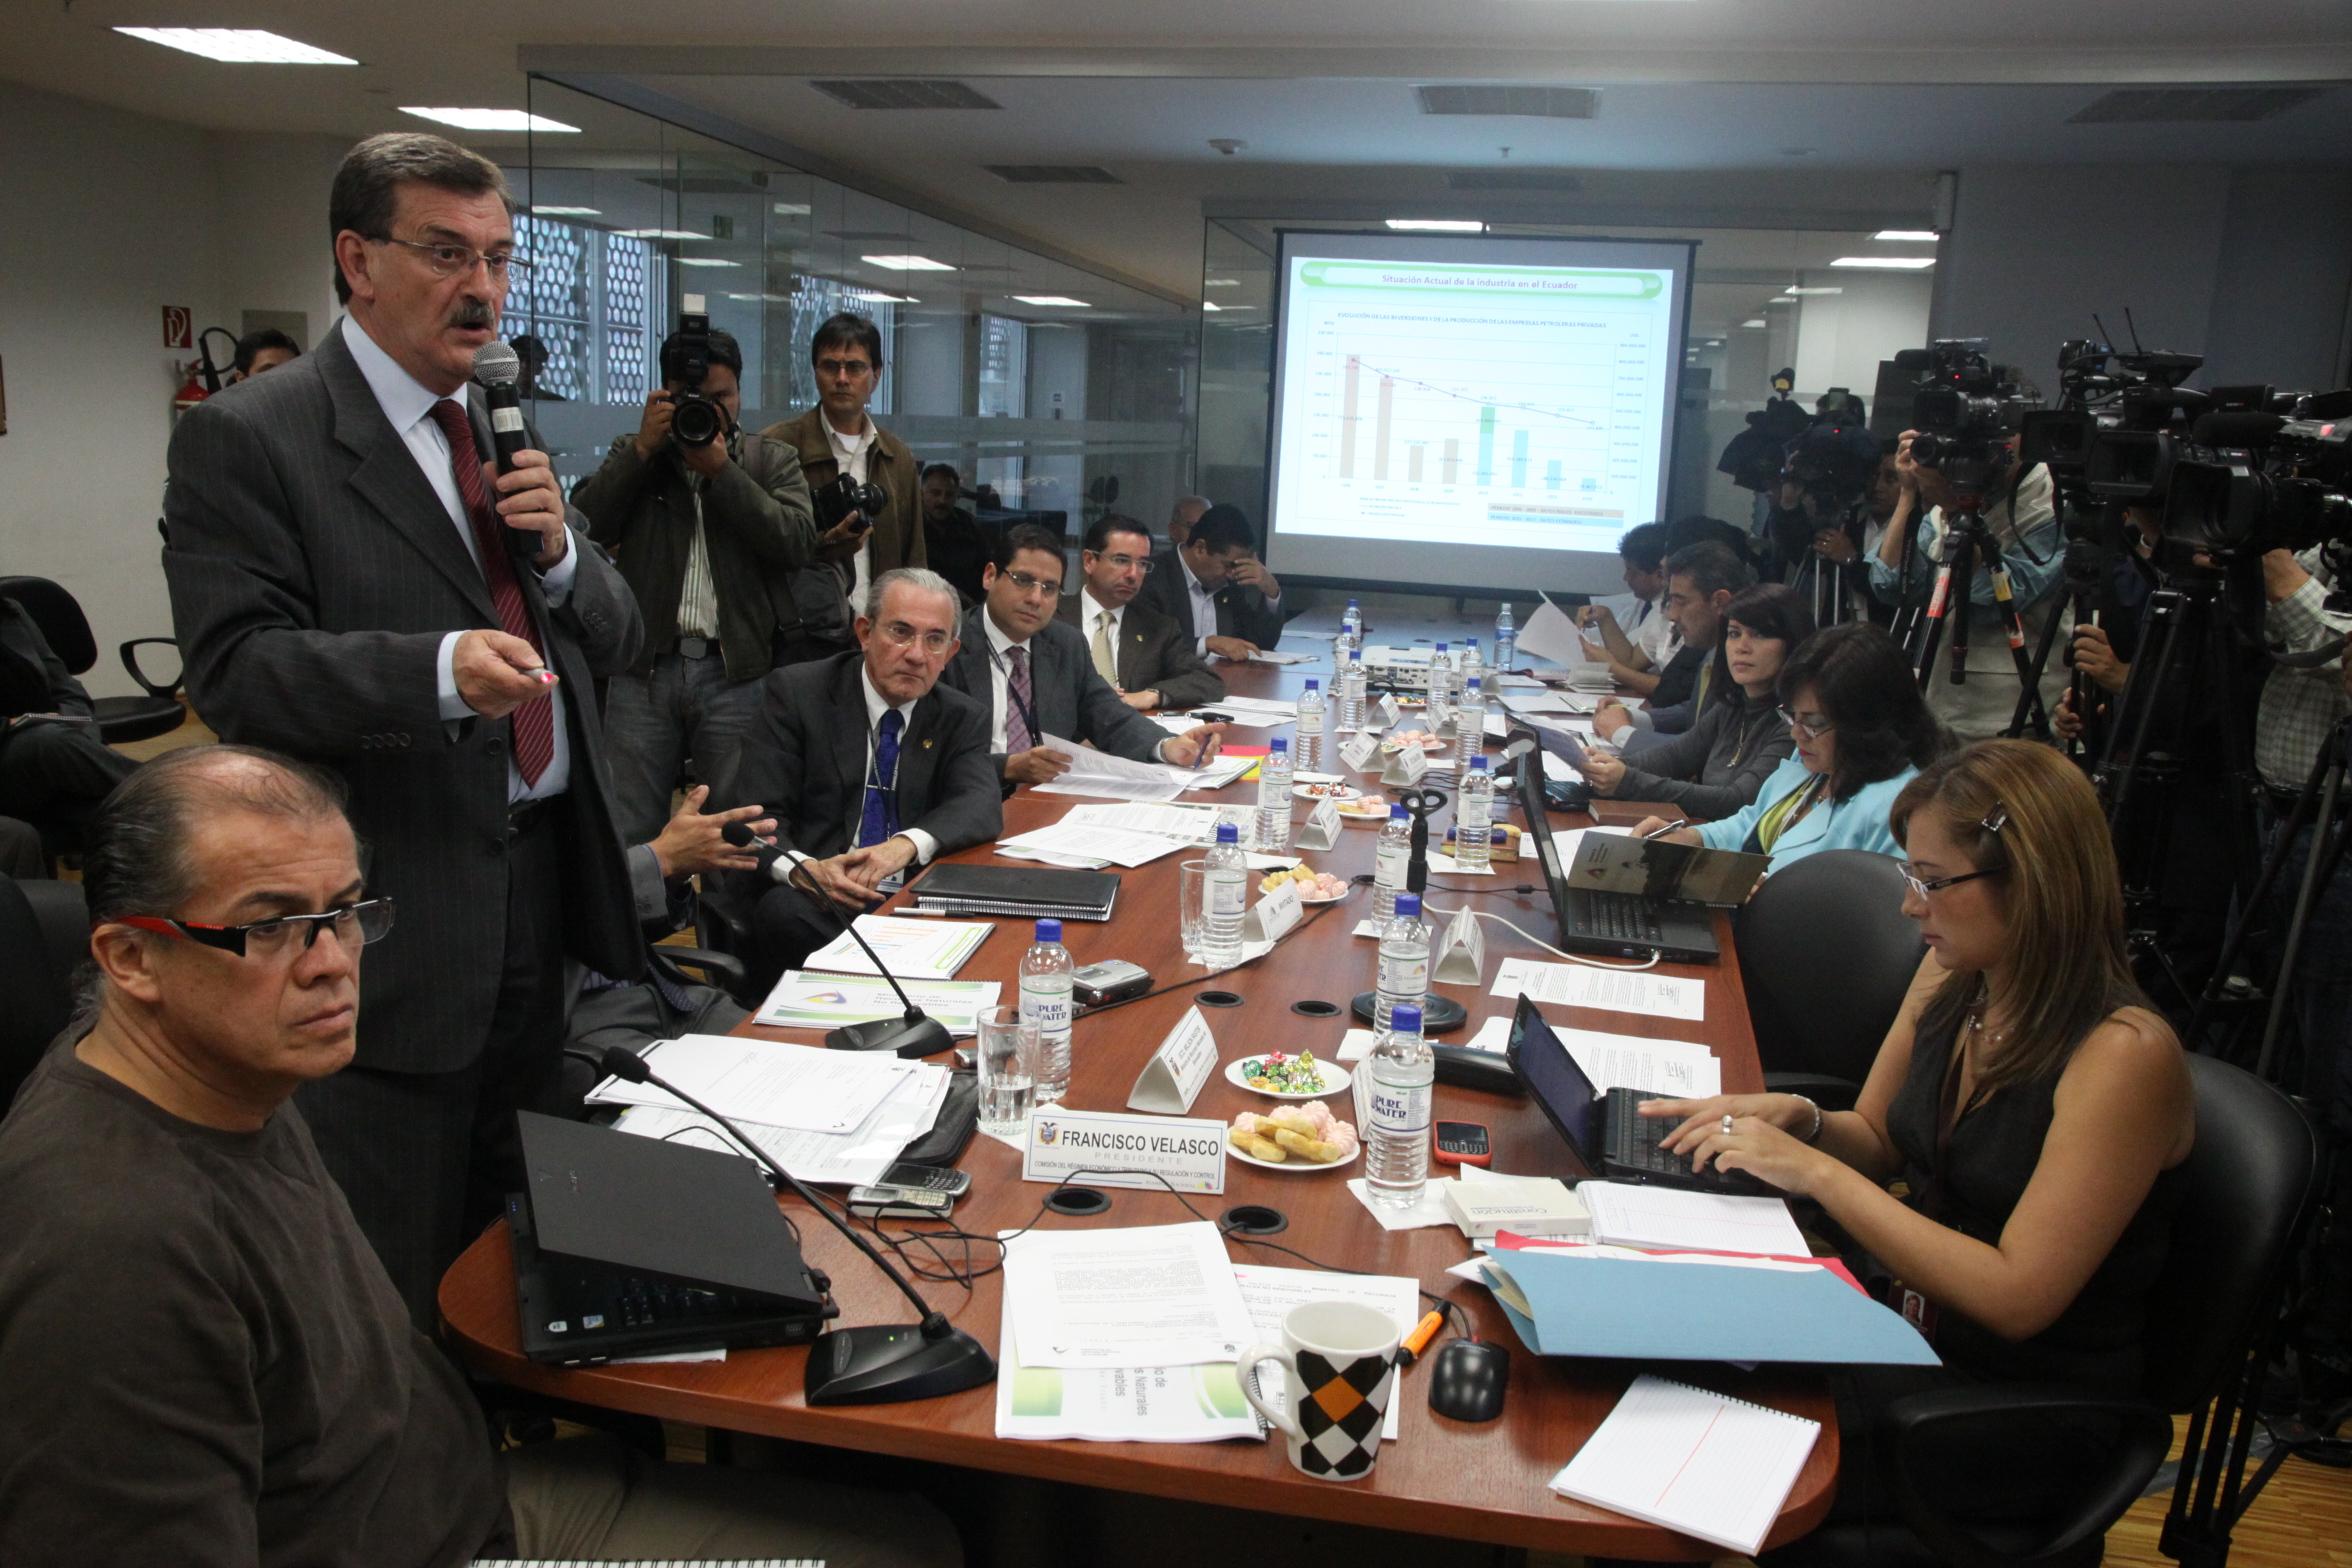 Comisión de Régimen Económico recibe a Ministro de Recursos no Renovables, Wilsón Pastor (4765740048).jpg Español: 5 de Julio de 2010 Date 5 July